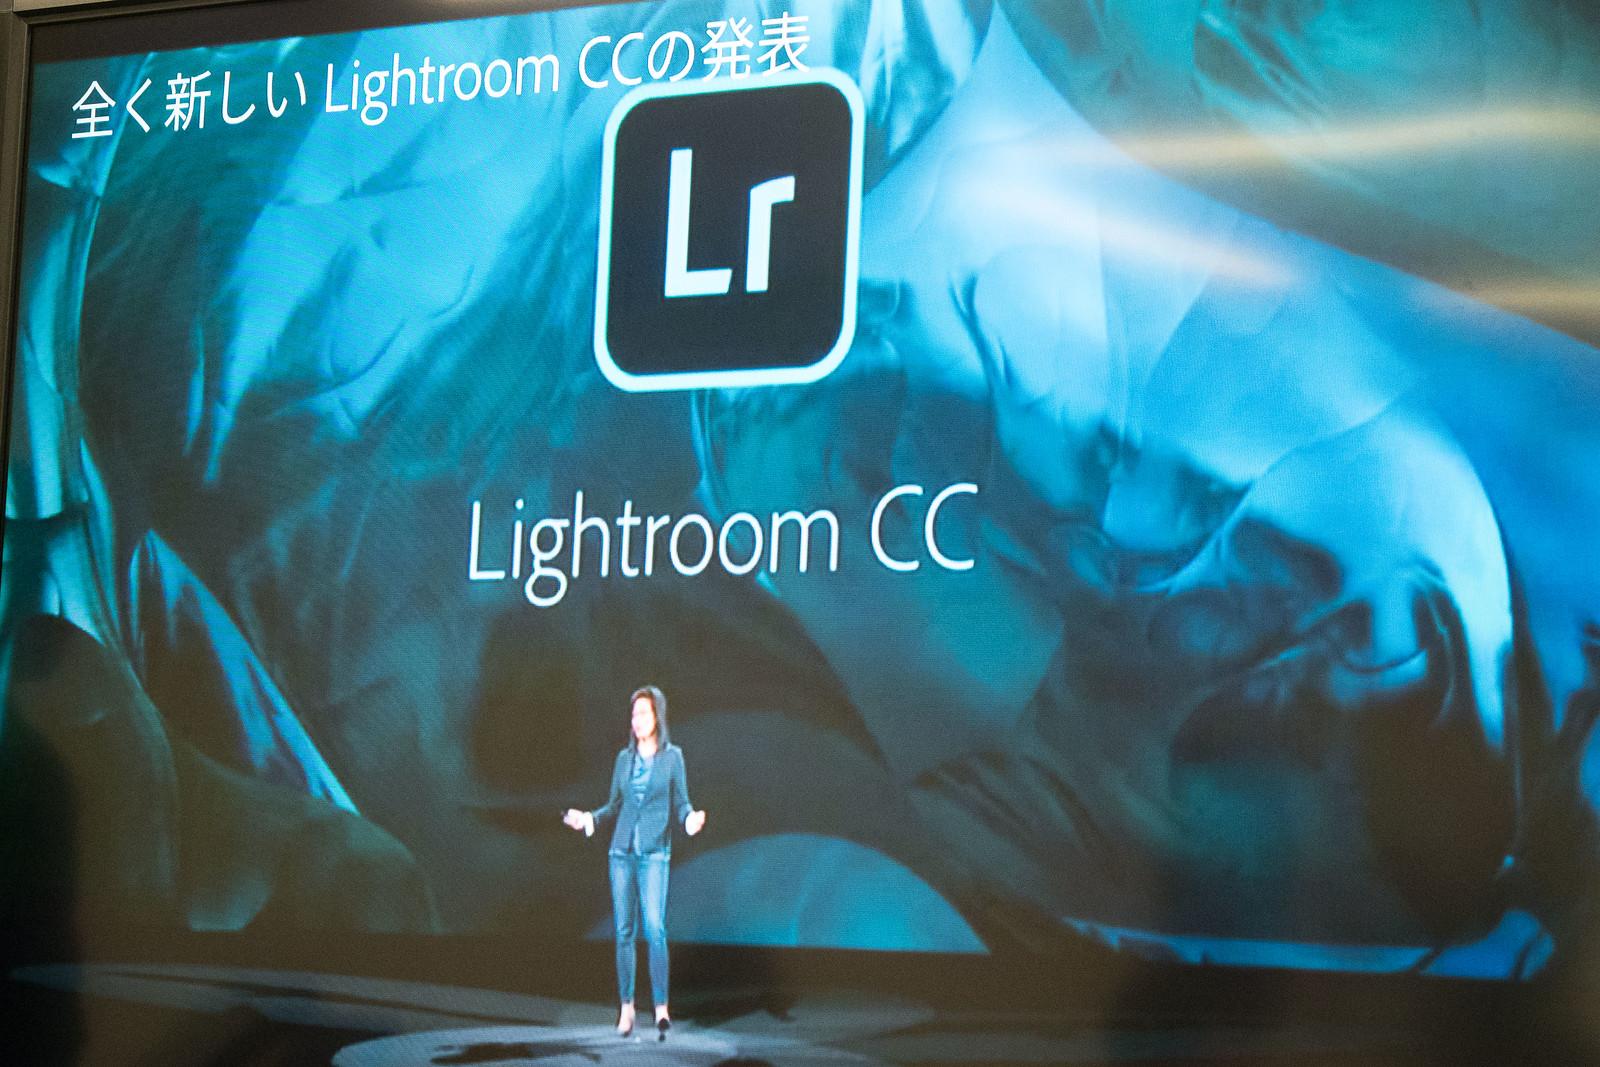 LightroomCC2017-7